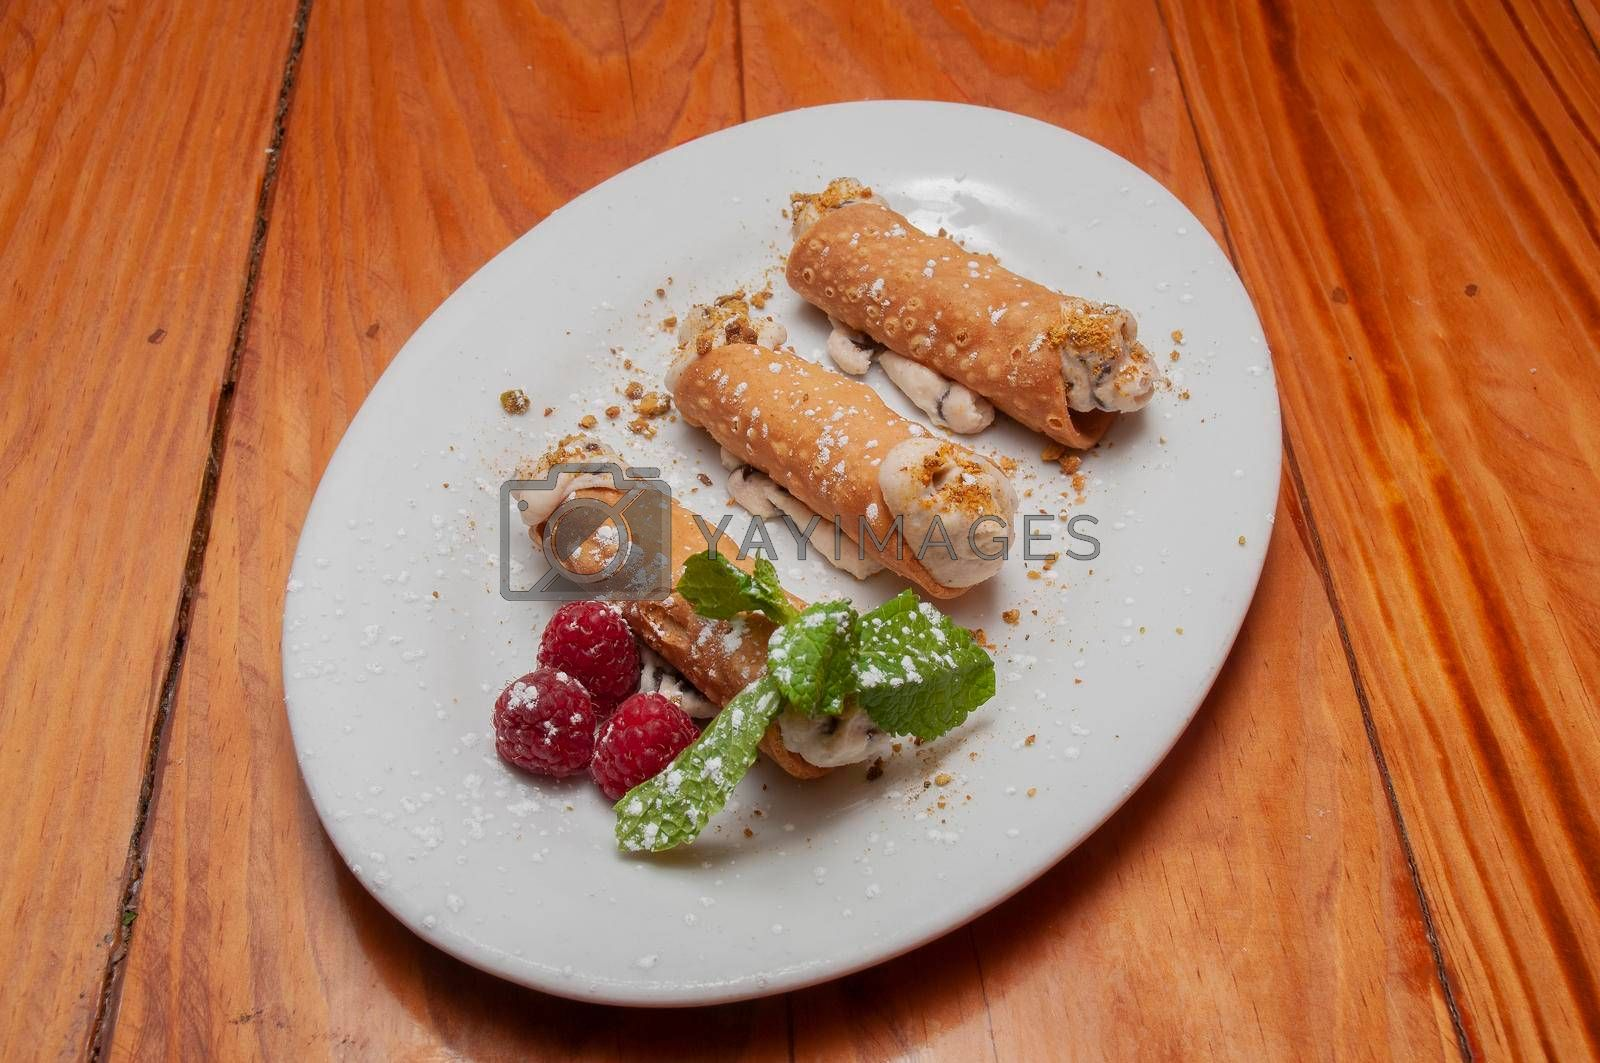 Delicious Italian dessert dish known as the cannoli